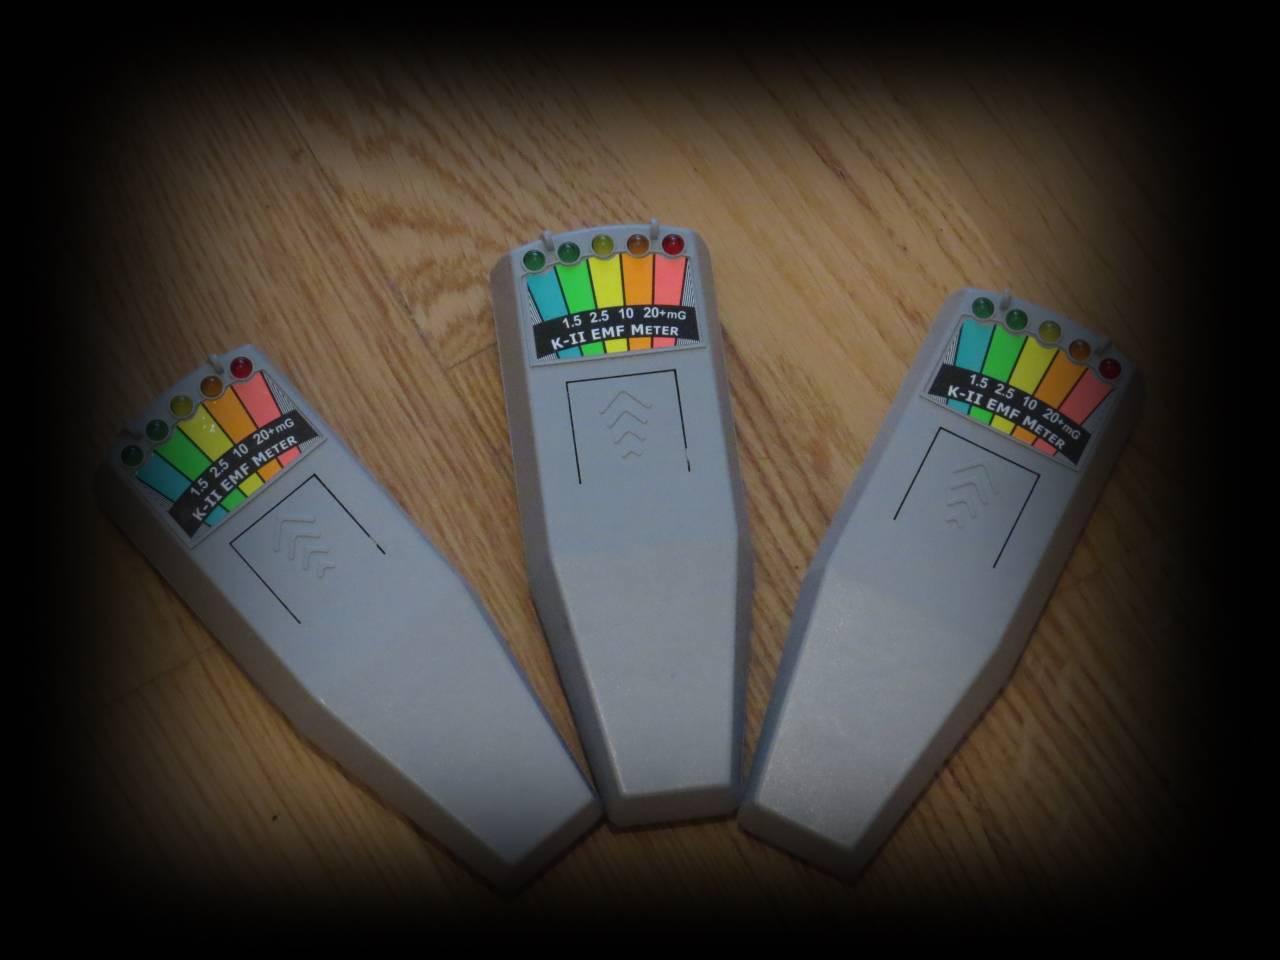 K2 EMF Ghostdetektoenr die  Frequenzen von 30 bis 20.000 Hz abdecken